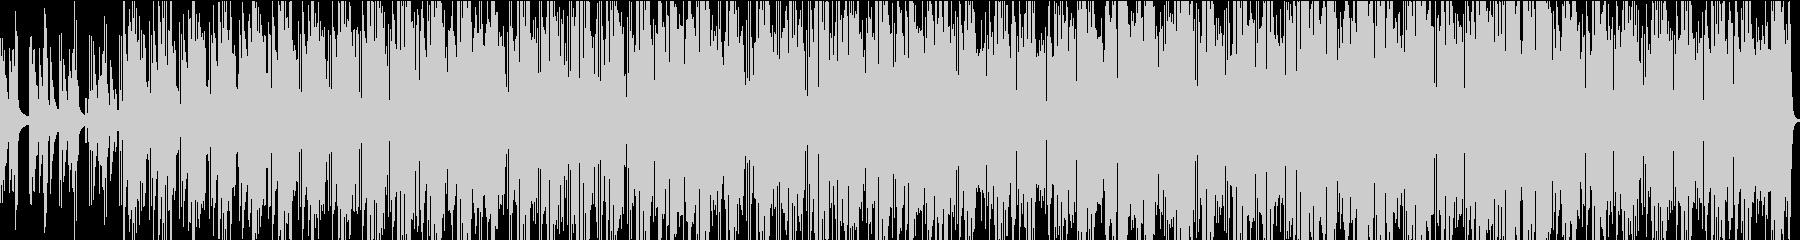 ノリの良いキーボードとサックスの曲の未再生の波形